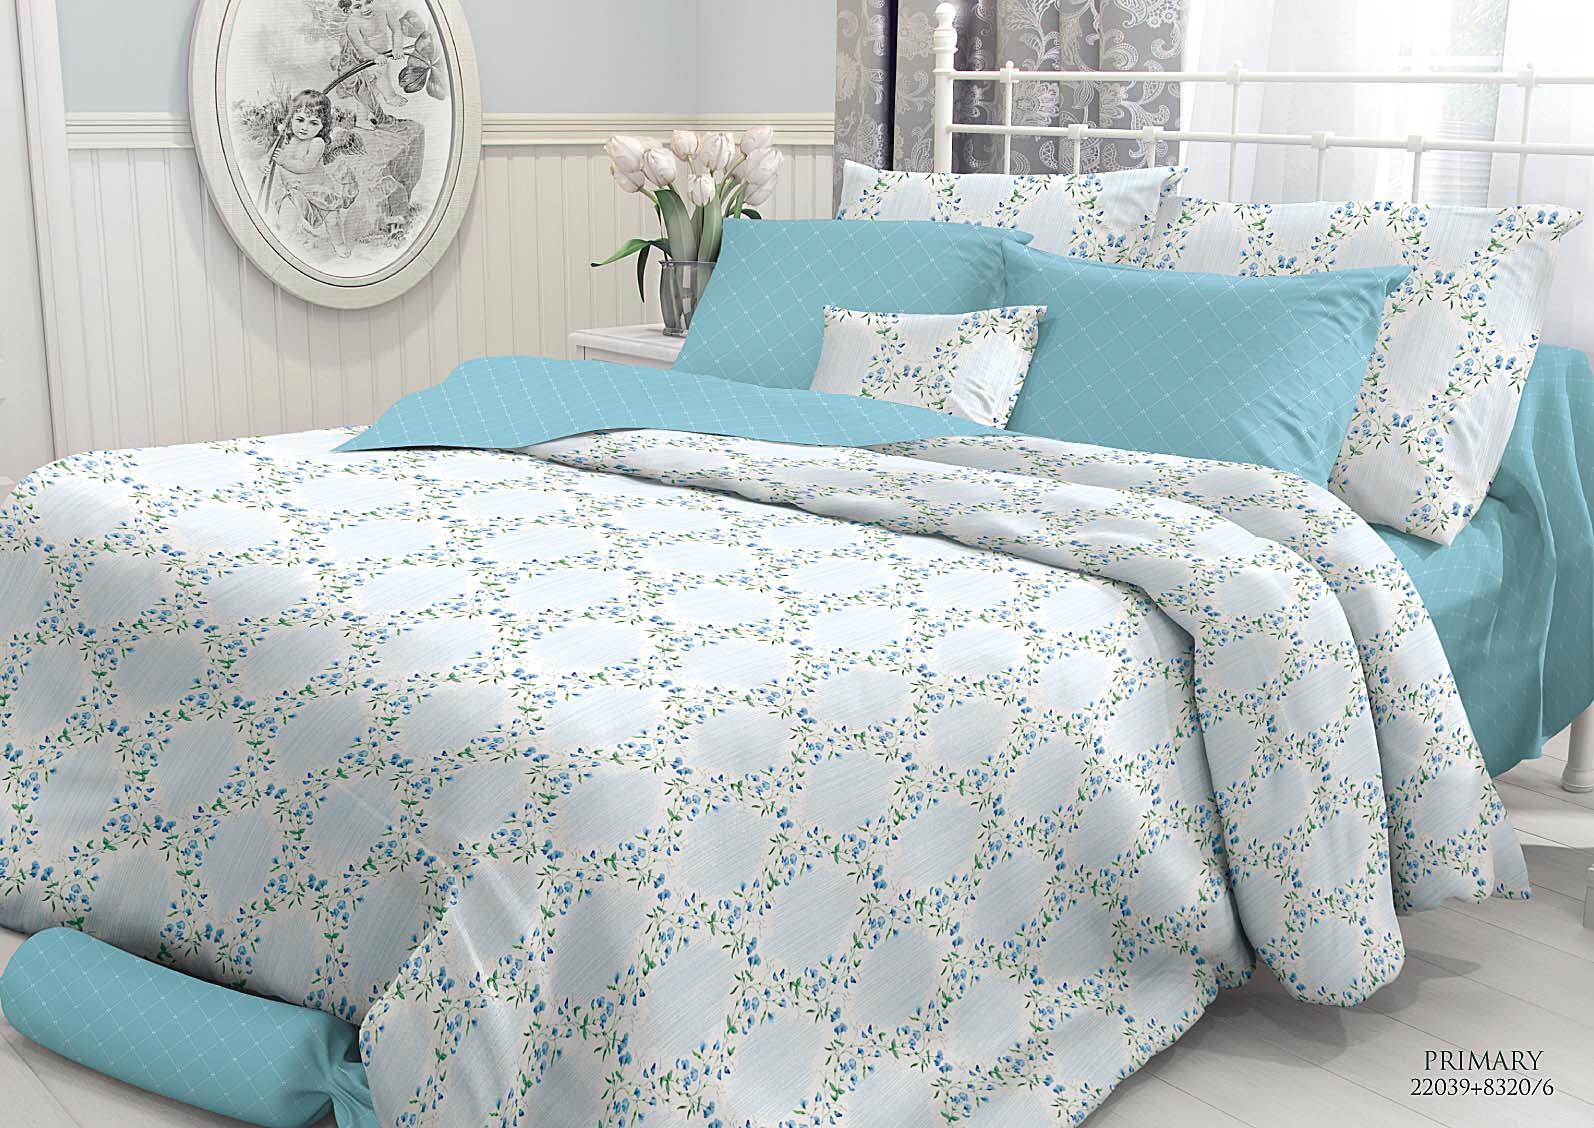 Комплект белья Verossa Primary, 1,5-спальный, наволочки 50x70. 727852